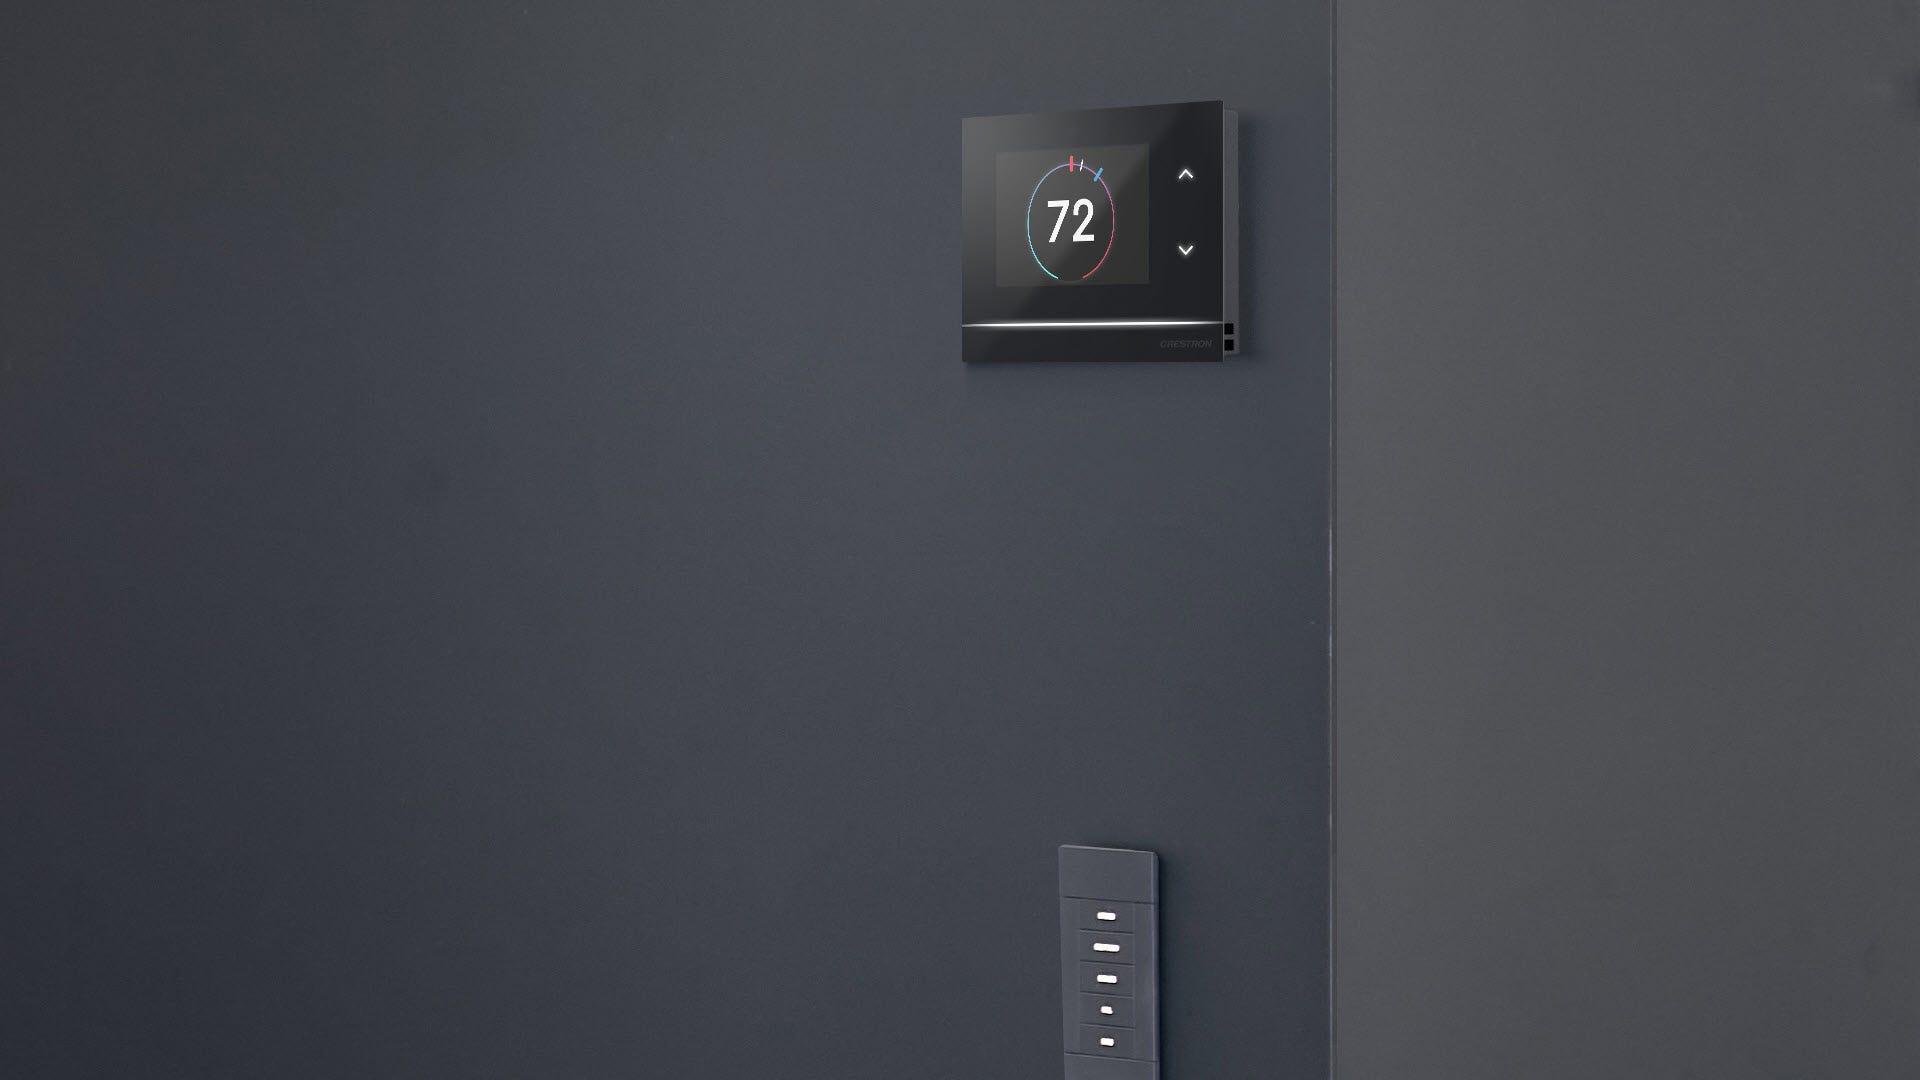 Un thermostat Crestron au-dessus d'un interrupteur d'éclairage